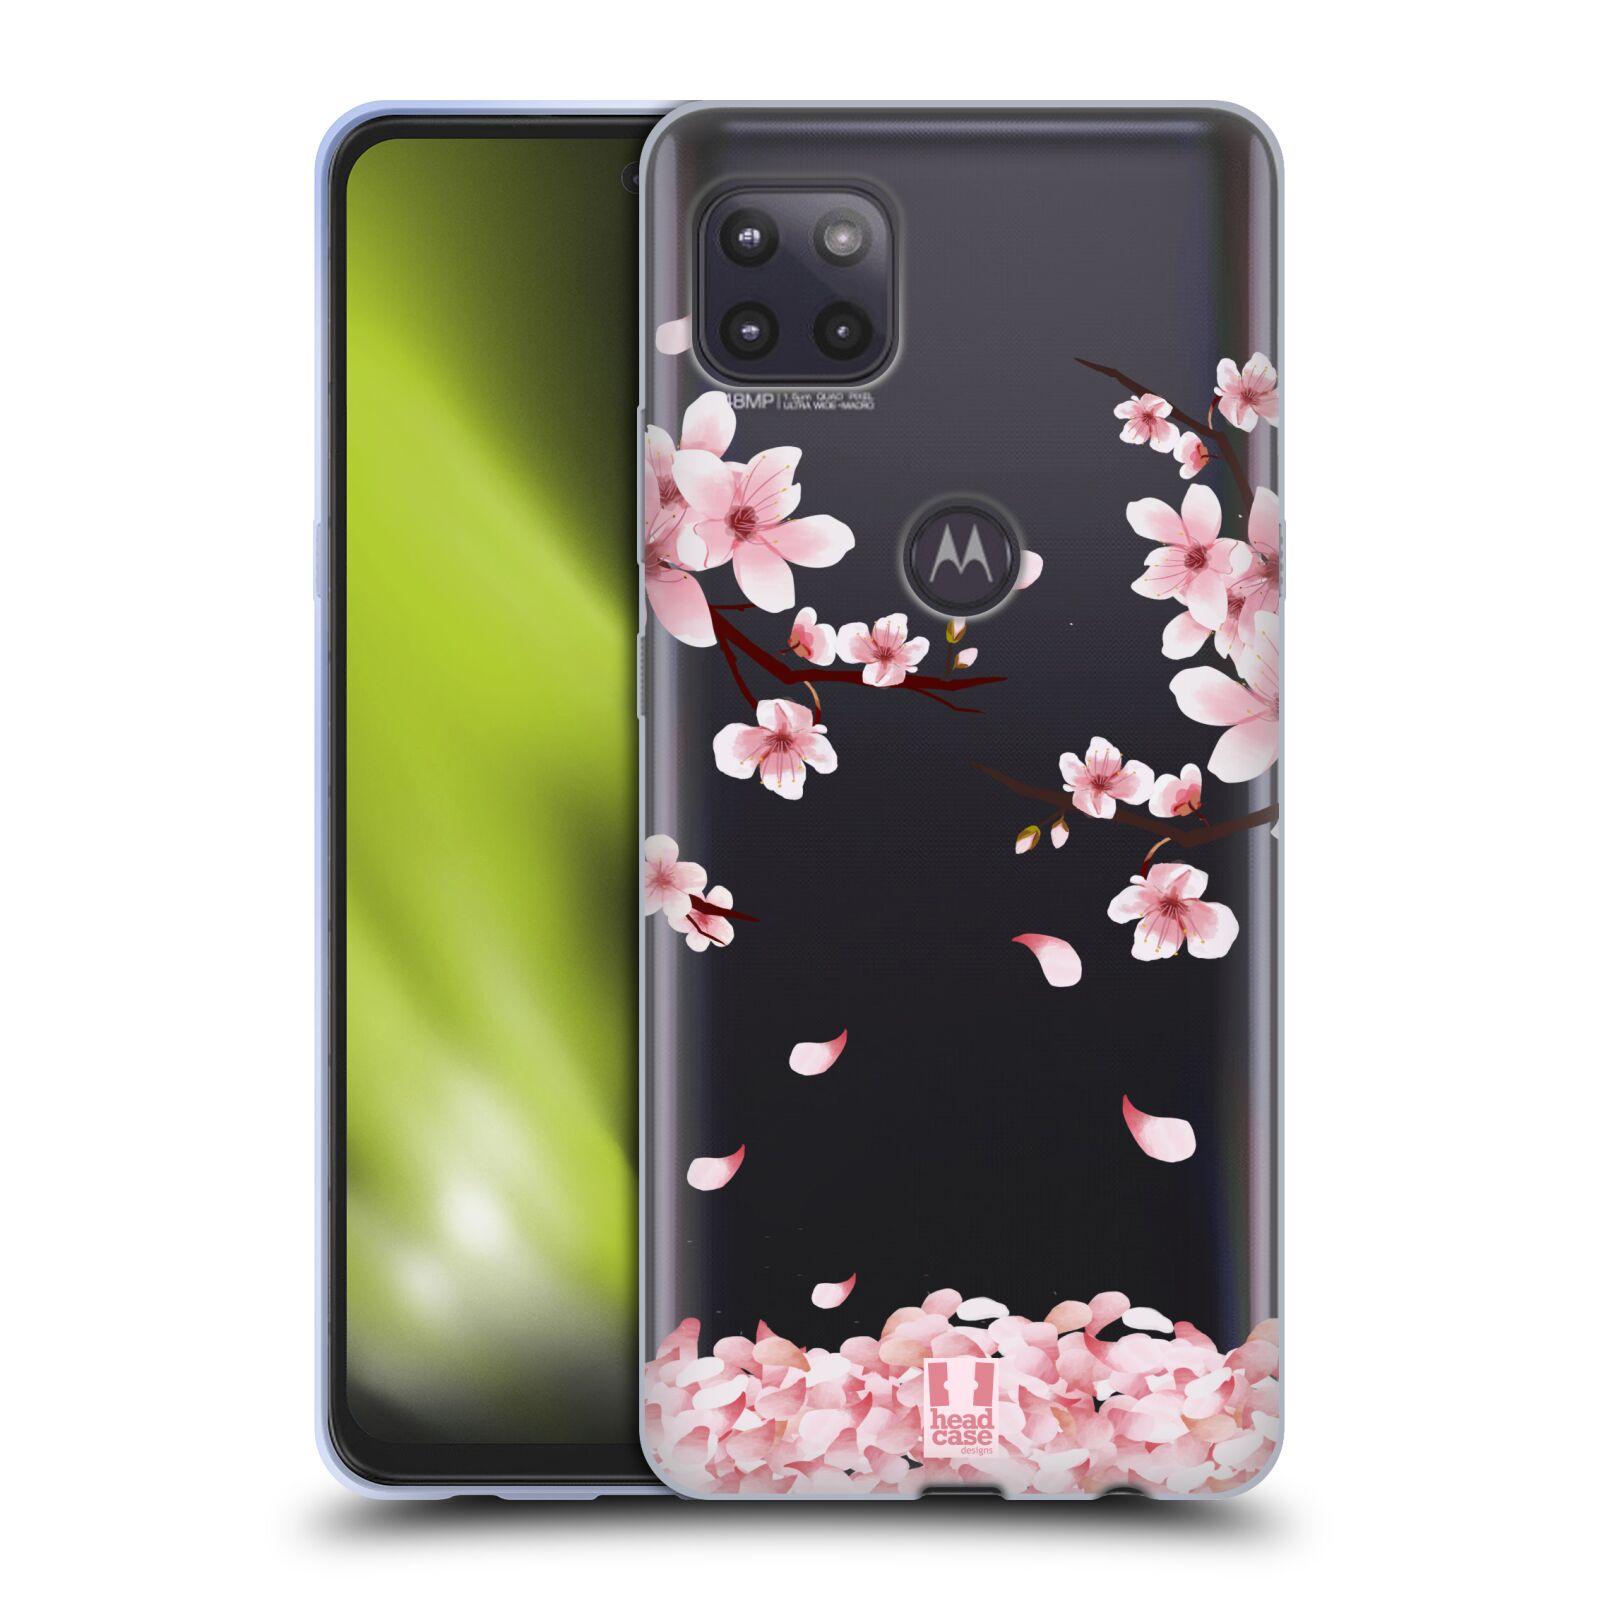 Silikonové pouzdro na mobil Motorola Moto G 5G - Head Case - Květy a větvičky